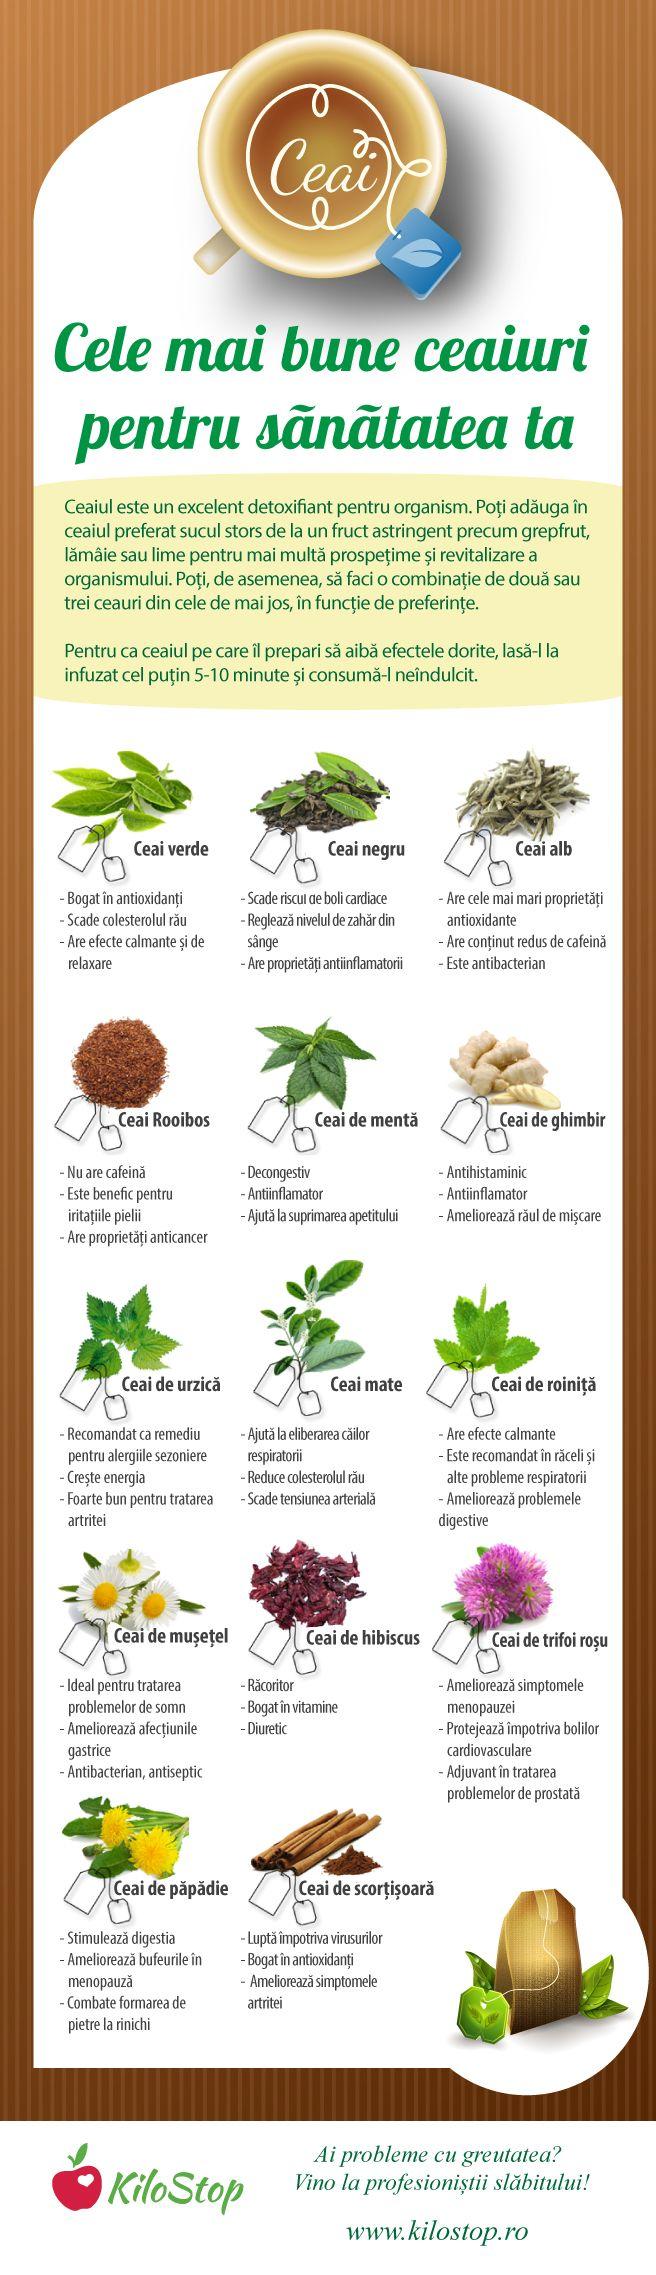 remedii pe bază de plante antiinflamatoare)